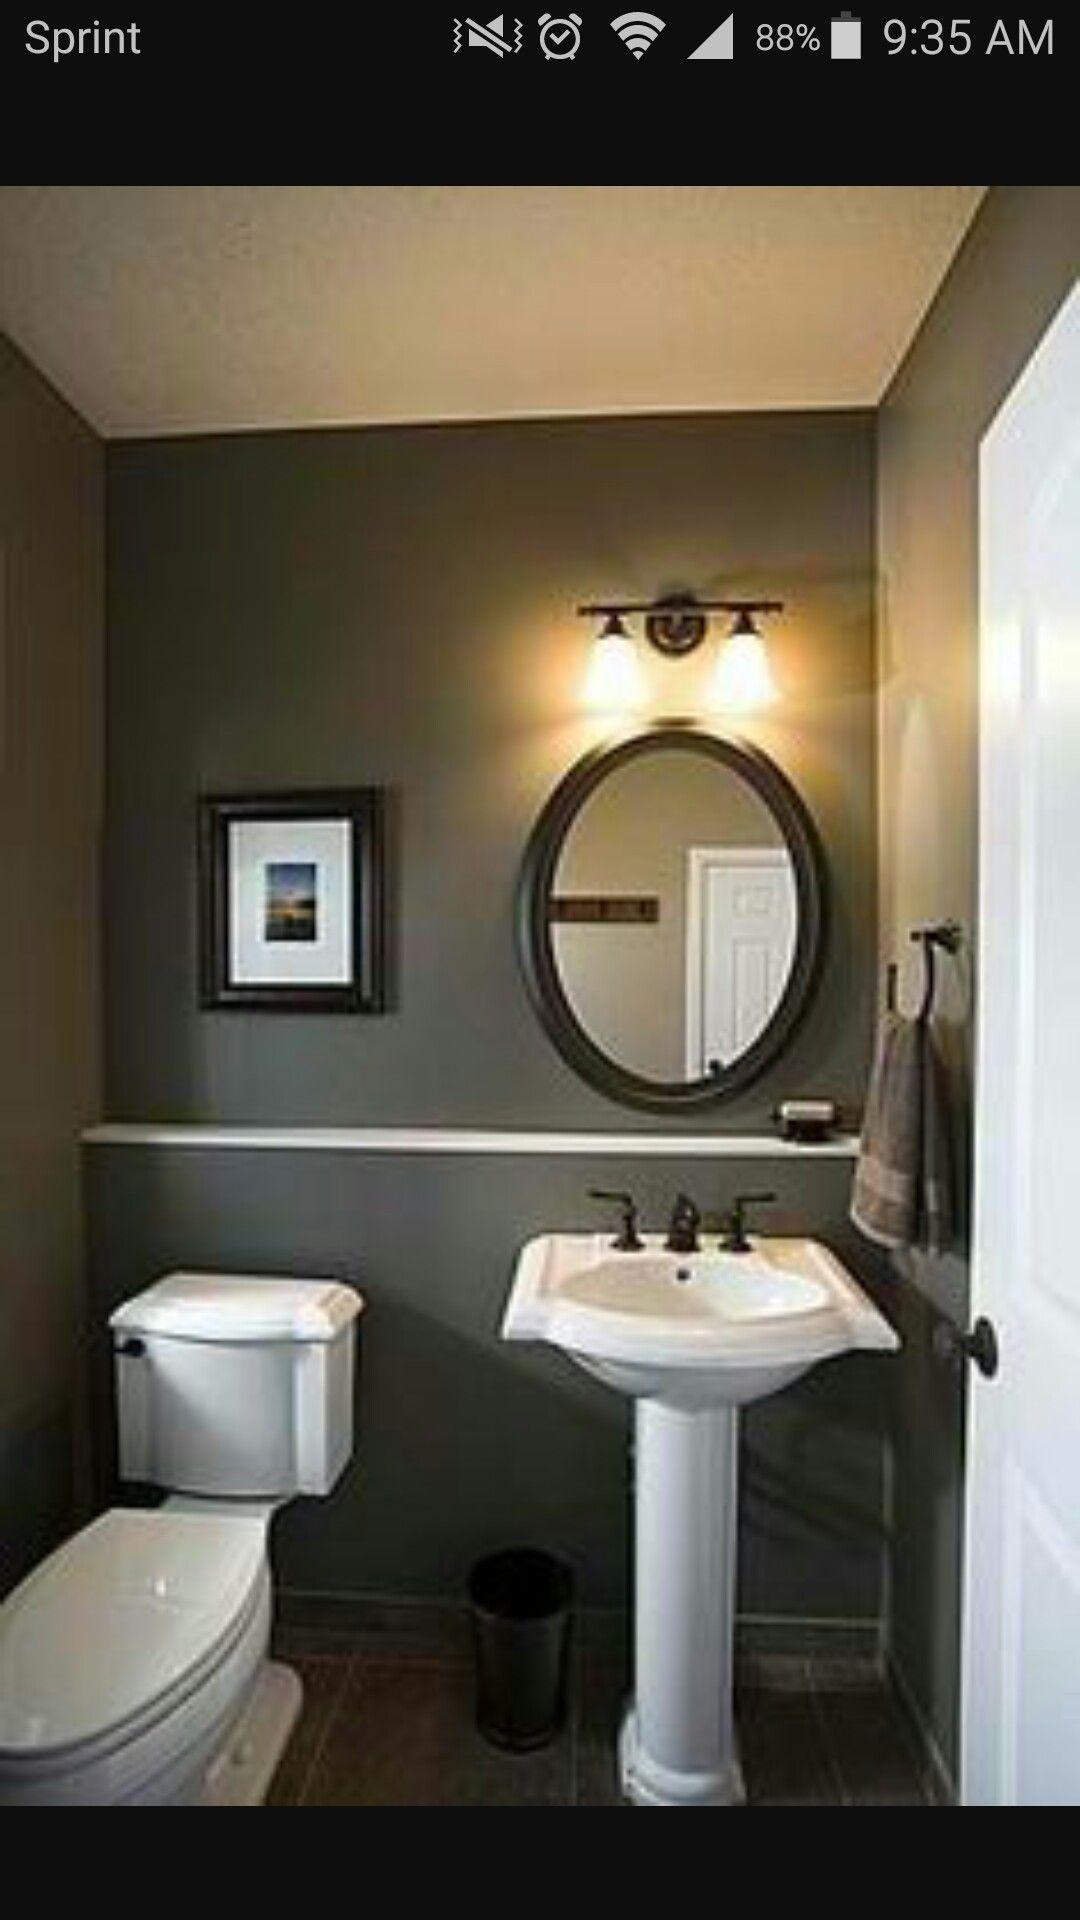 Love the dark color. Dark trash bin. With oval mirror vs rectangle.